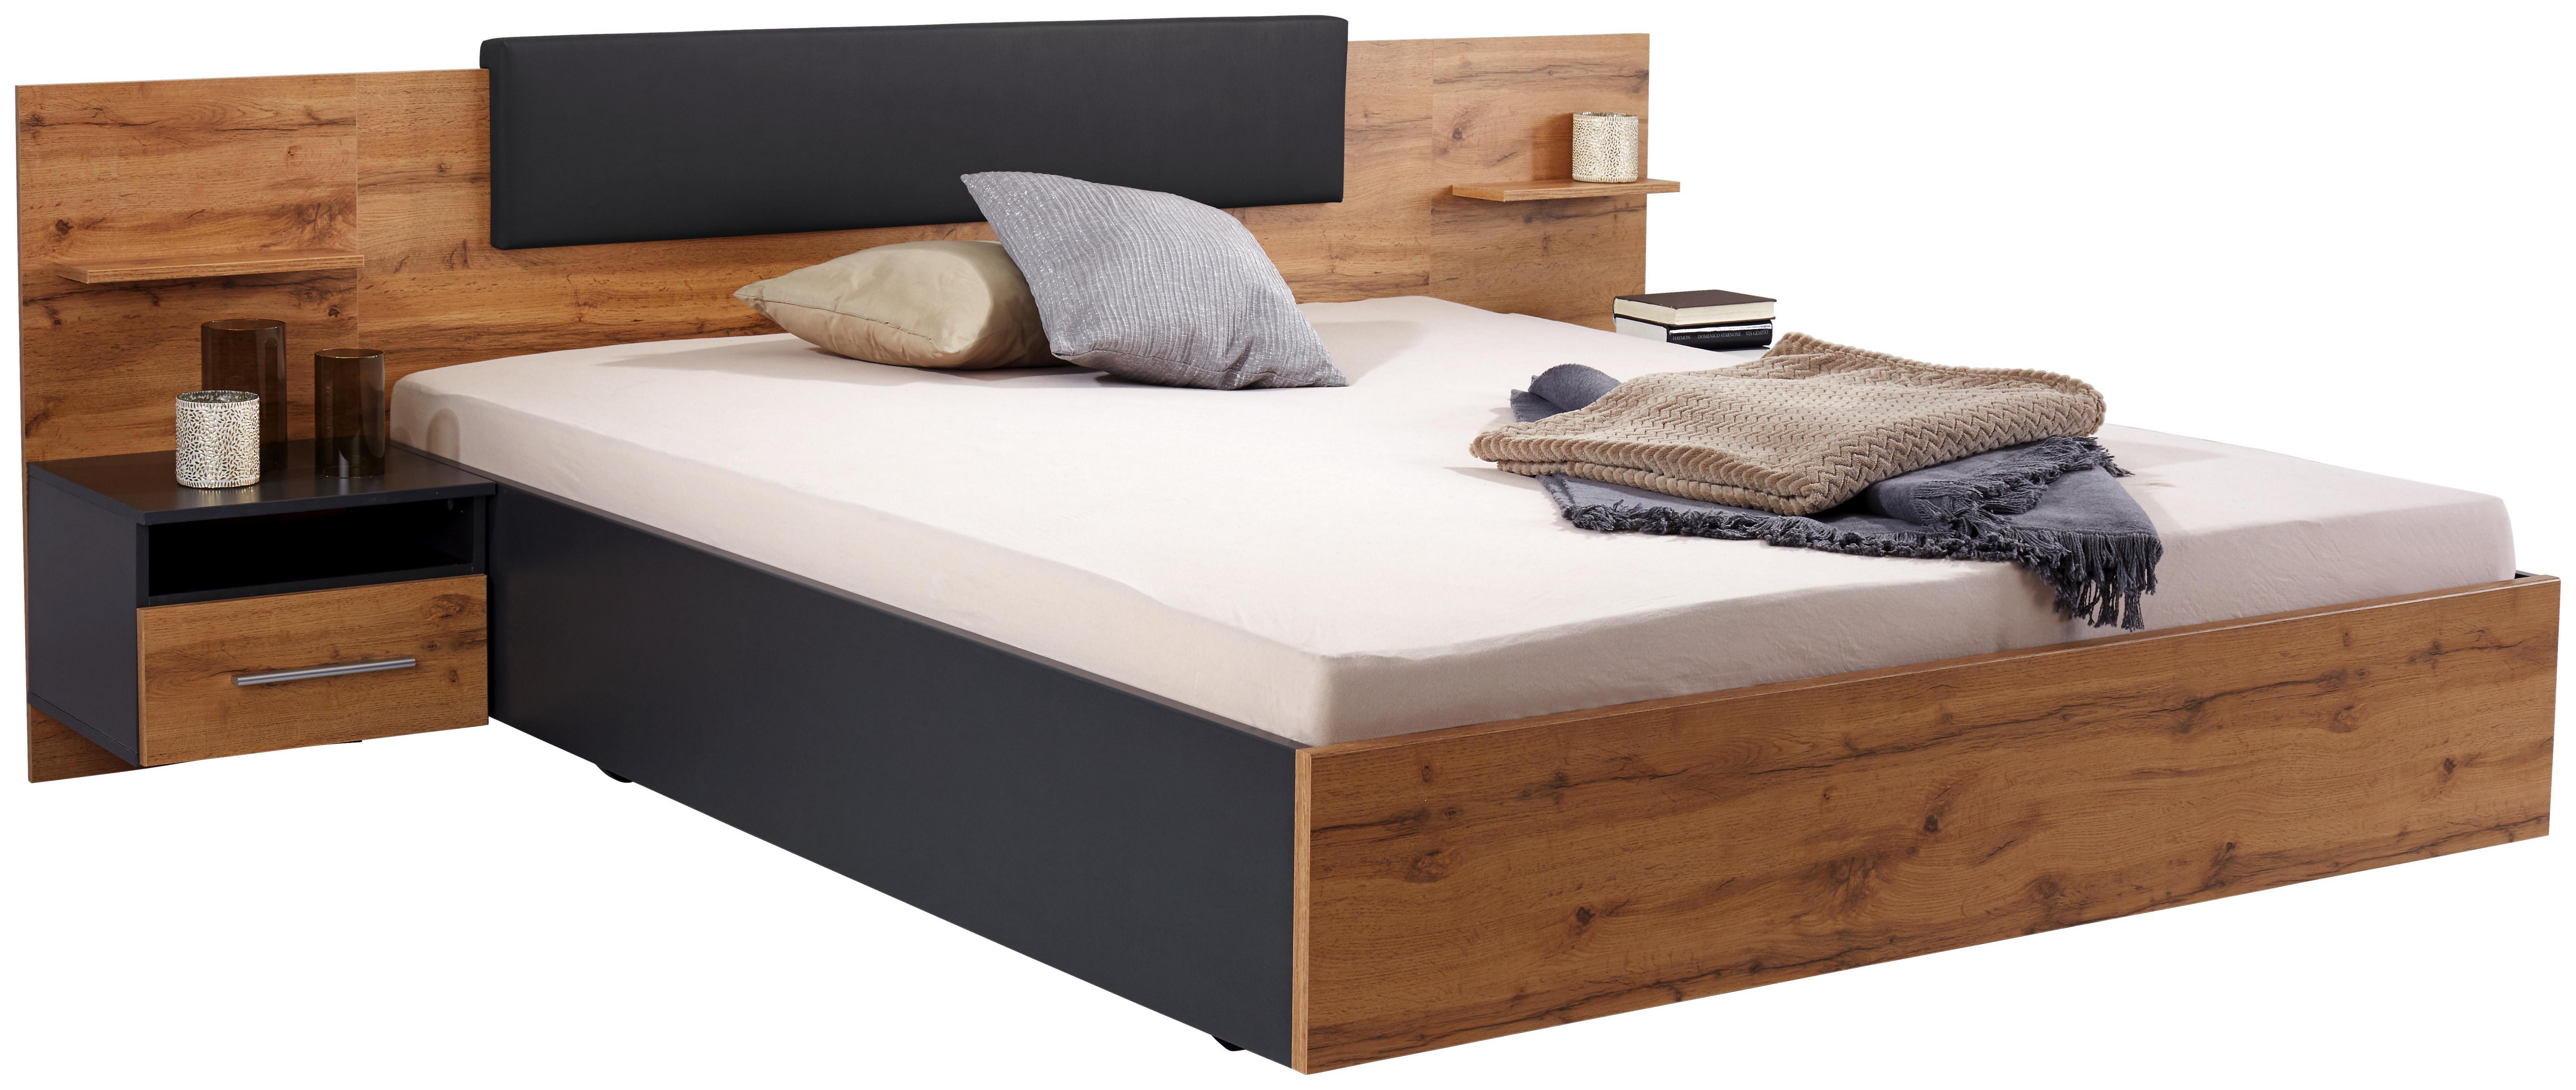 0a39b81315cb Čelá a rámy na posteľ • Möbelix